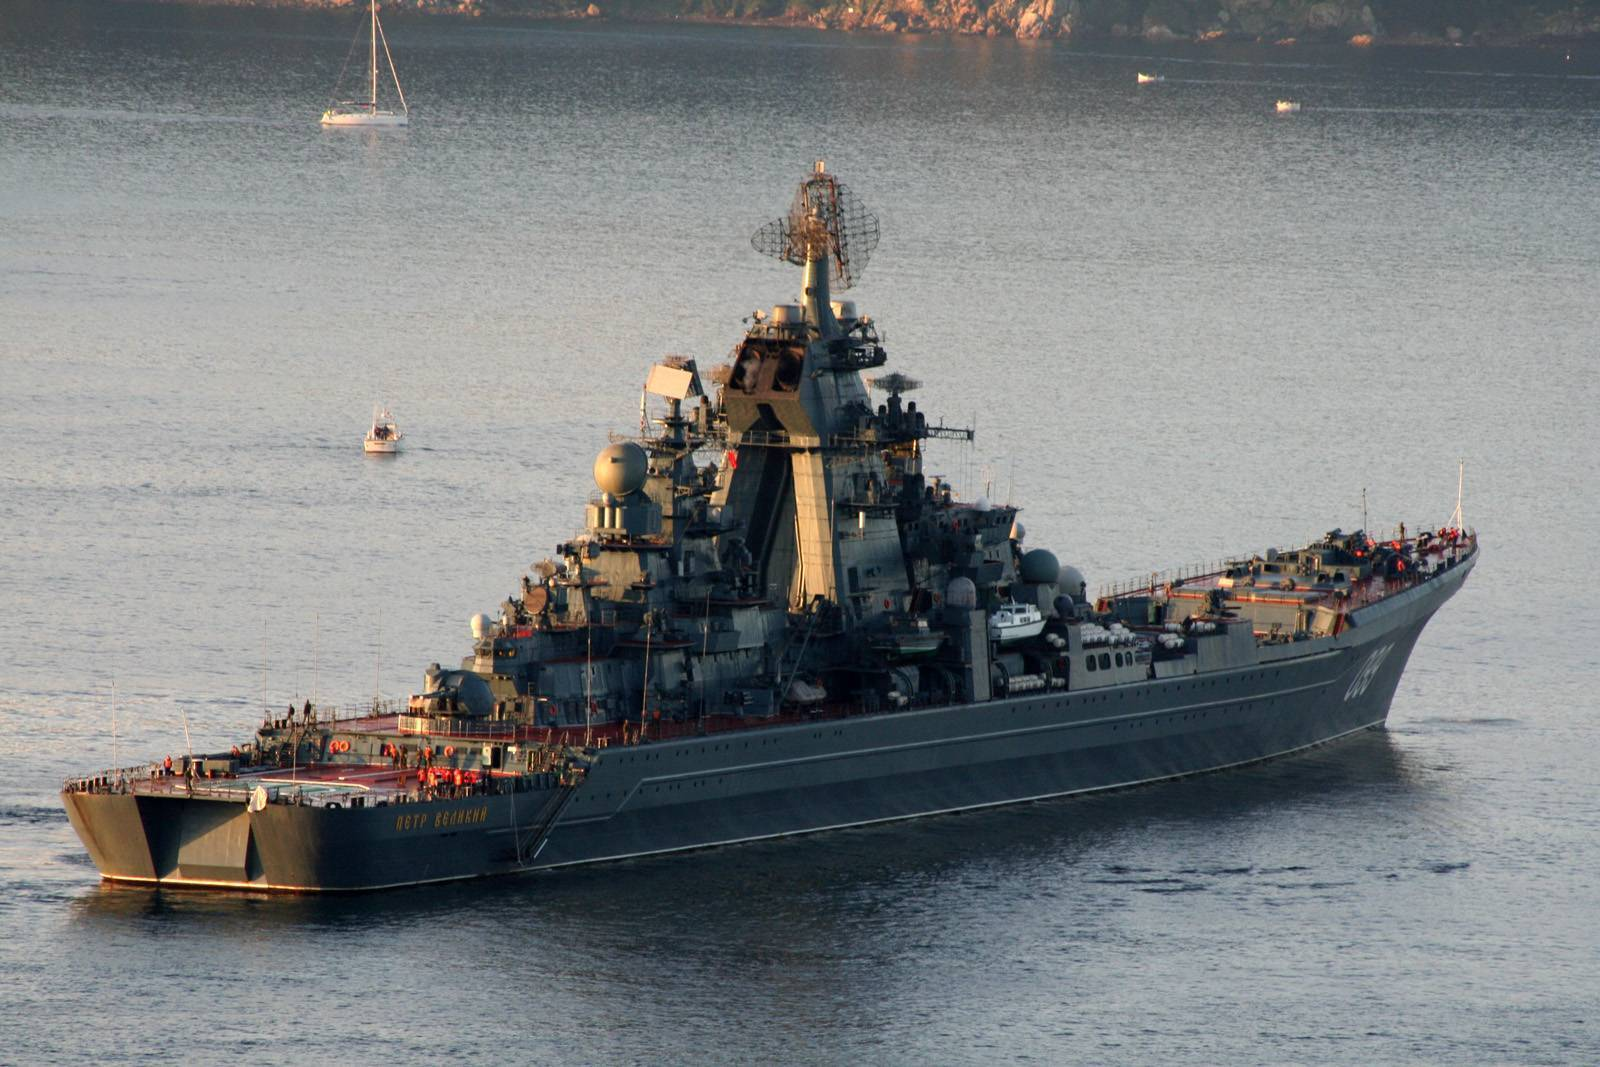 Пётр великий (крейсер) википедия